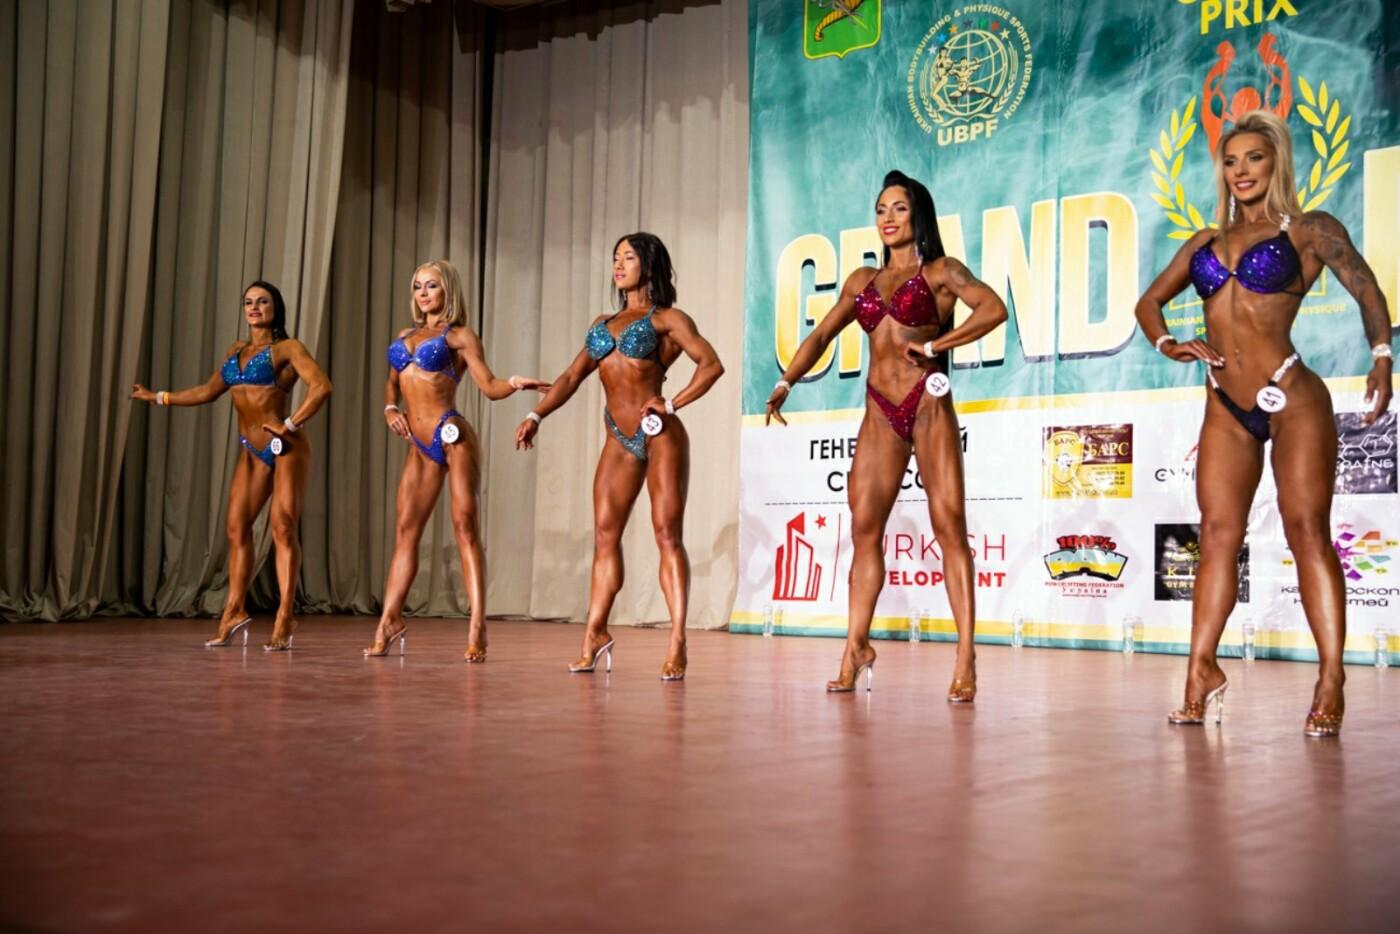 Лозівчанка здобула перемогу на змаганнях з бодибілдингу, фітнесу та атлетизму, фото-4